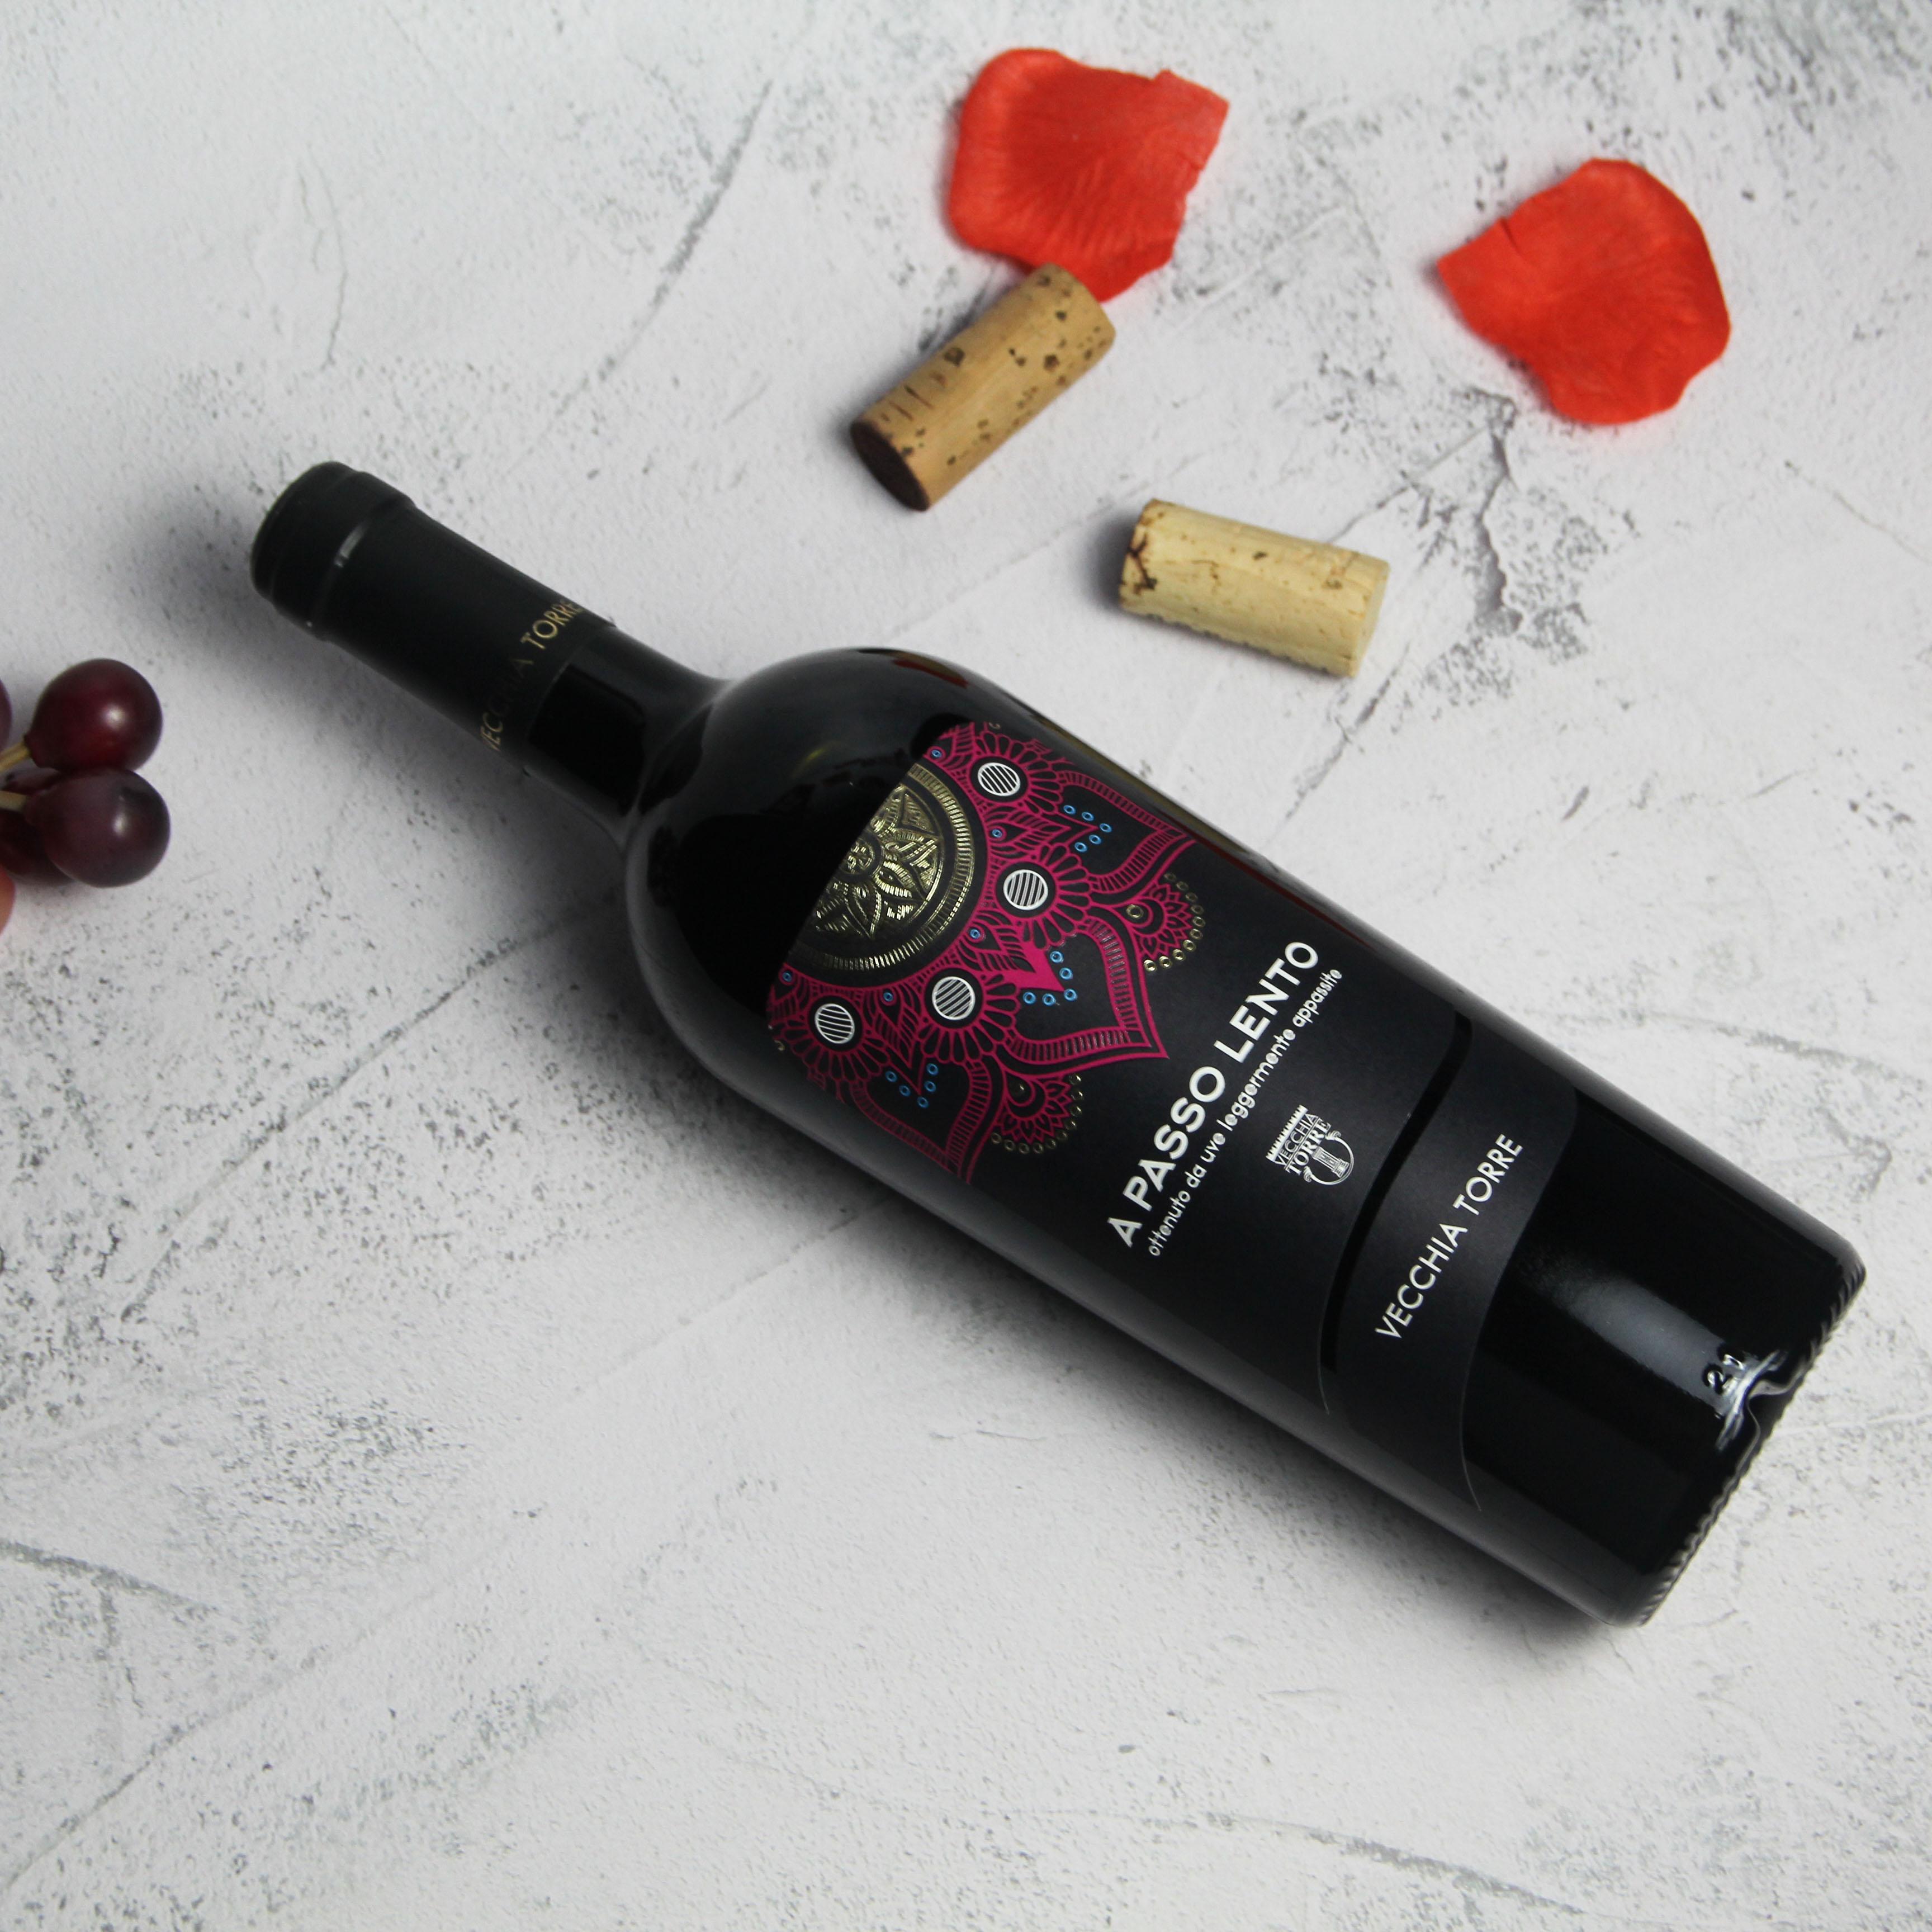 意大利普里亚老塔酒庄慢摇风干葡萄酒红酒